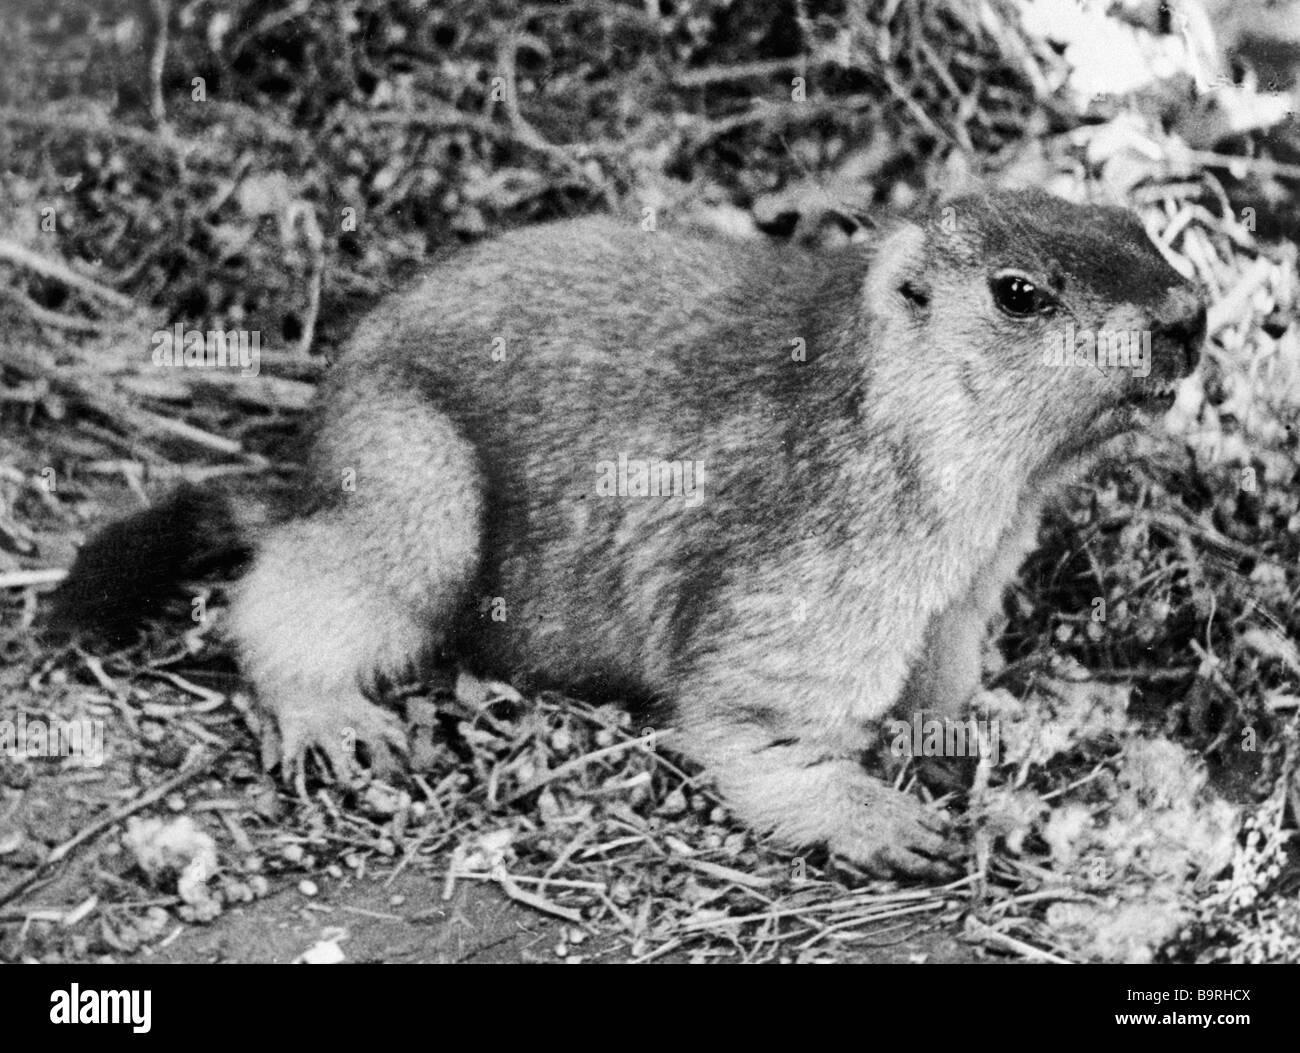 Tarbagan marmot rodent genus squirrel family - Stock Image